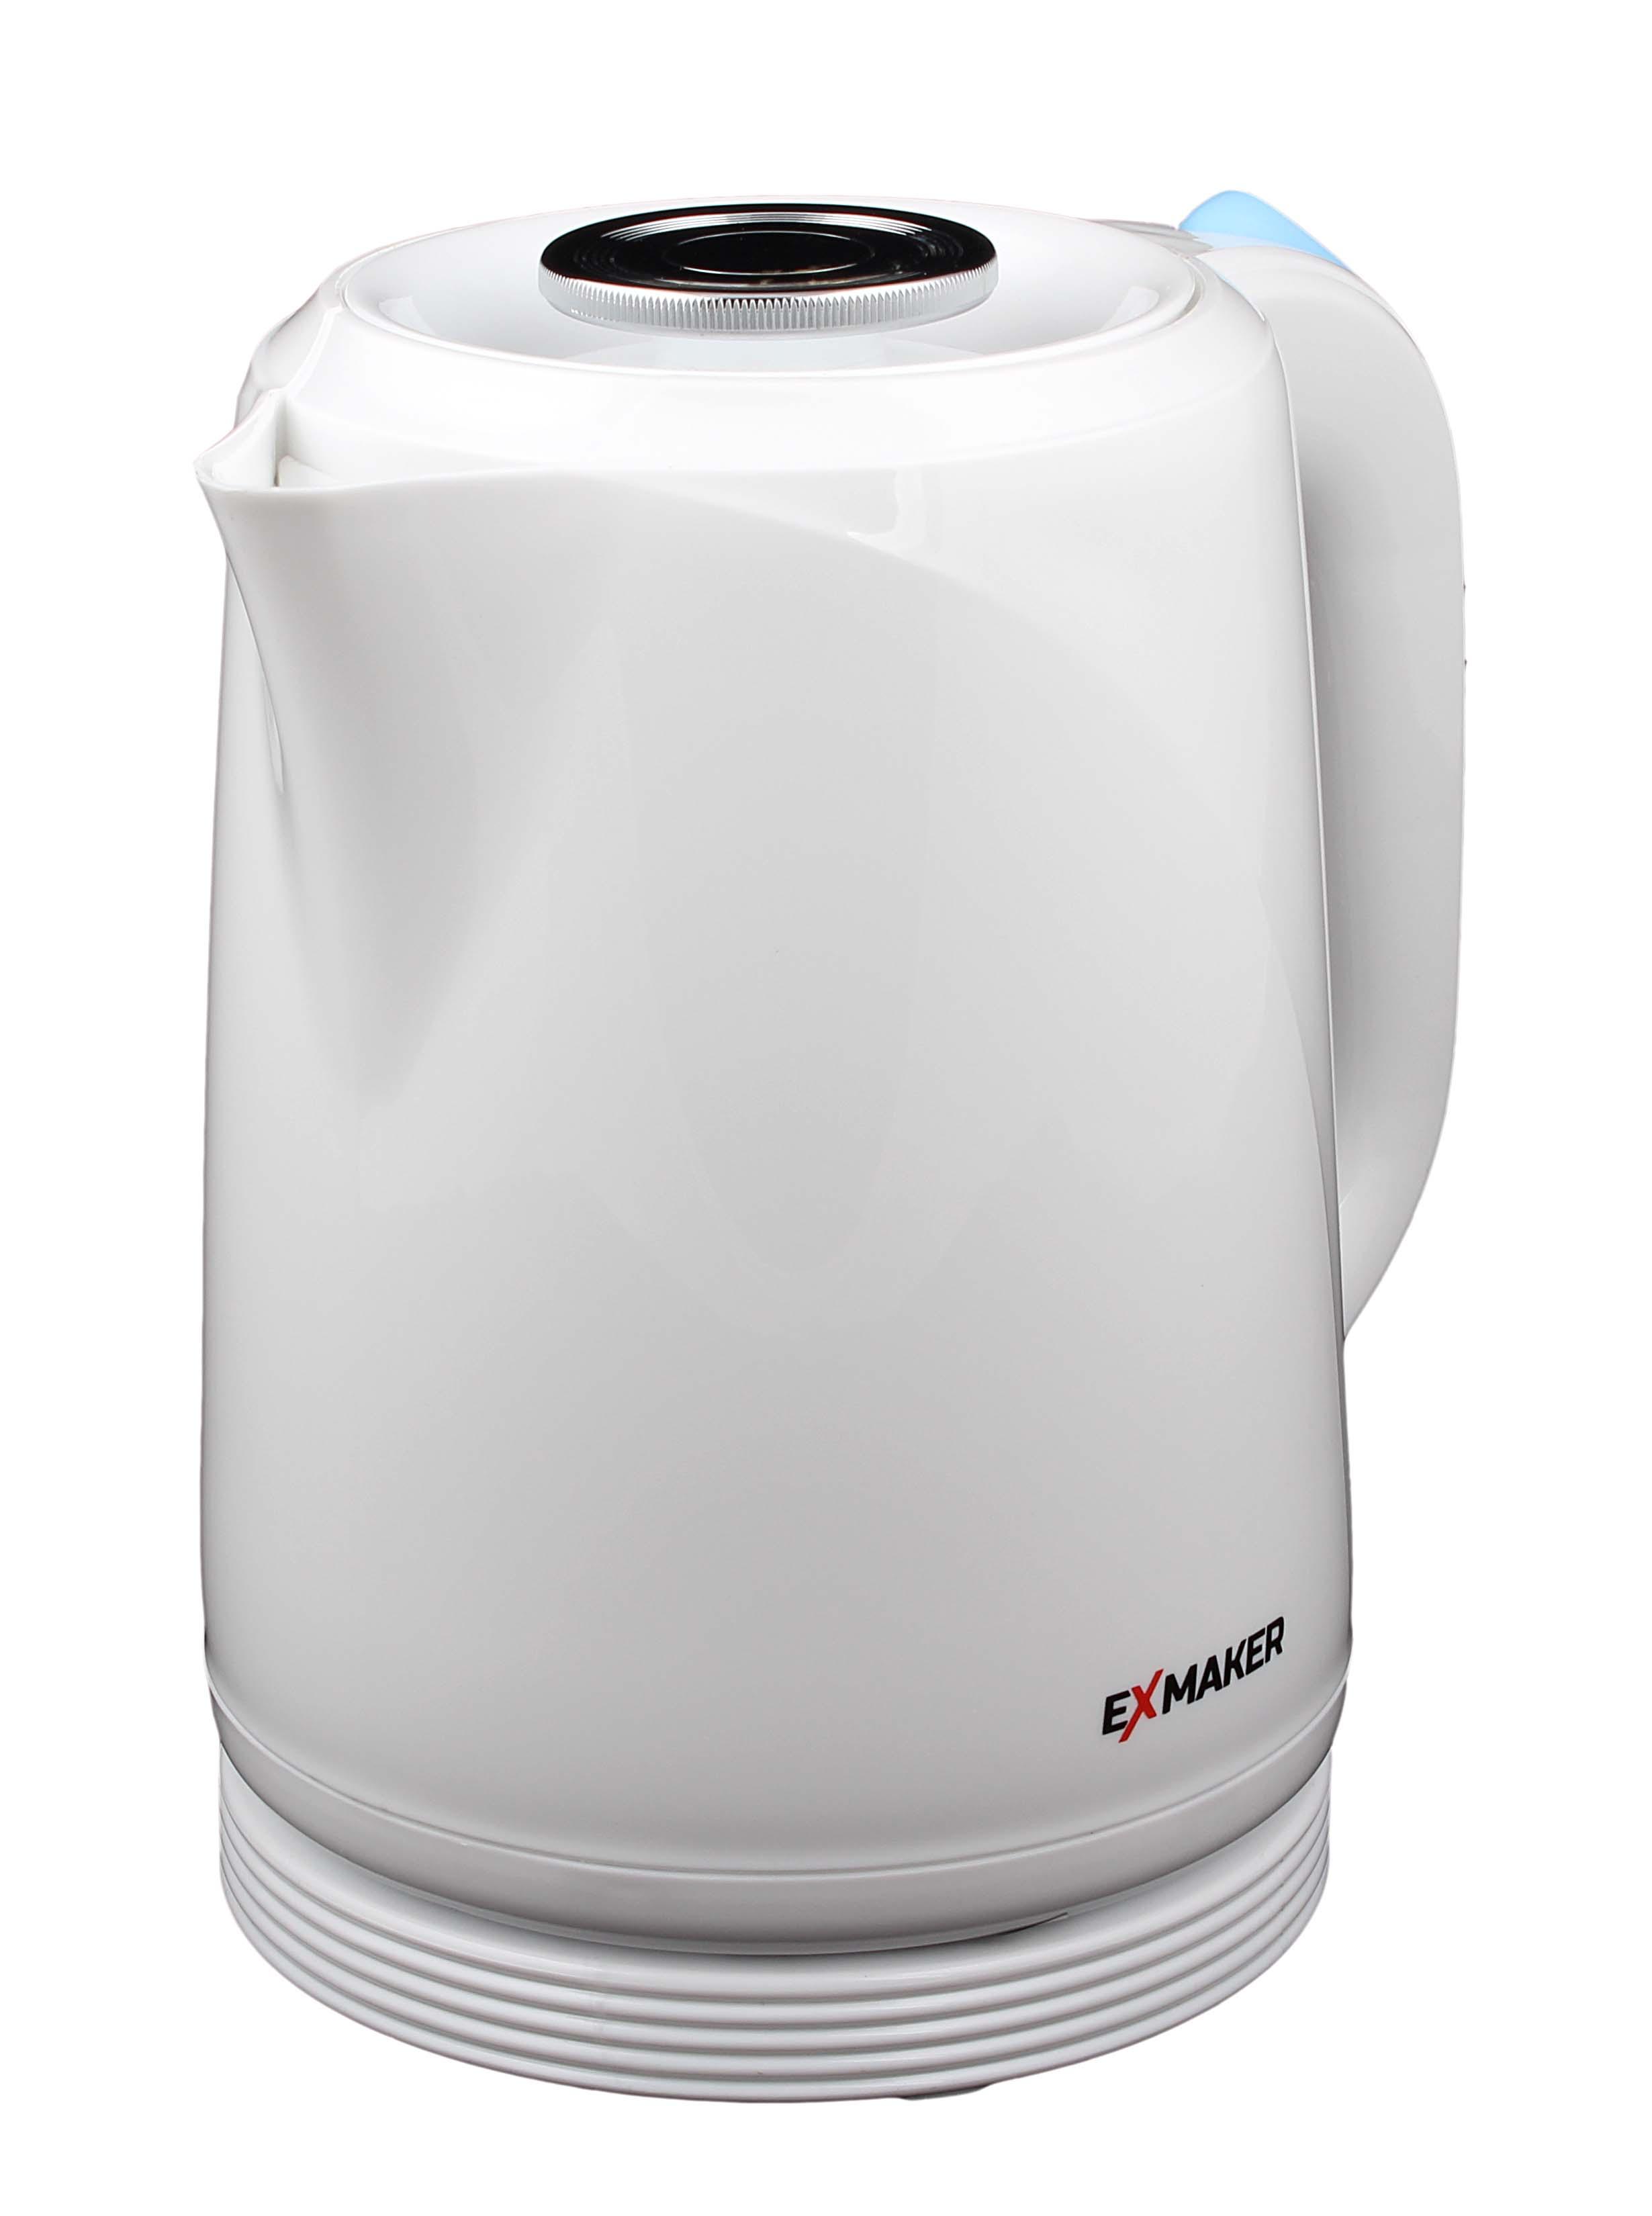 Чайник Exmaker Real Brand Technics 699.000